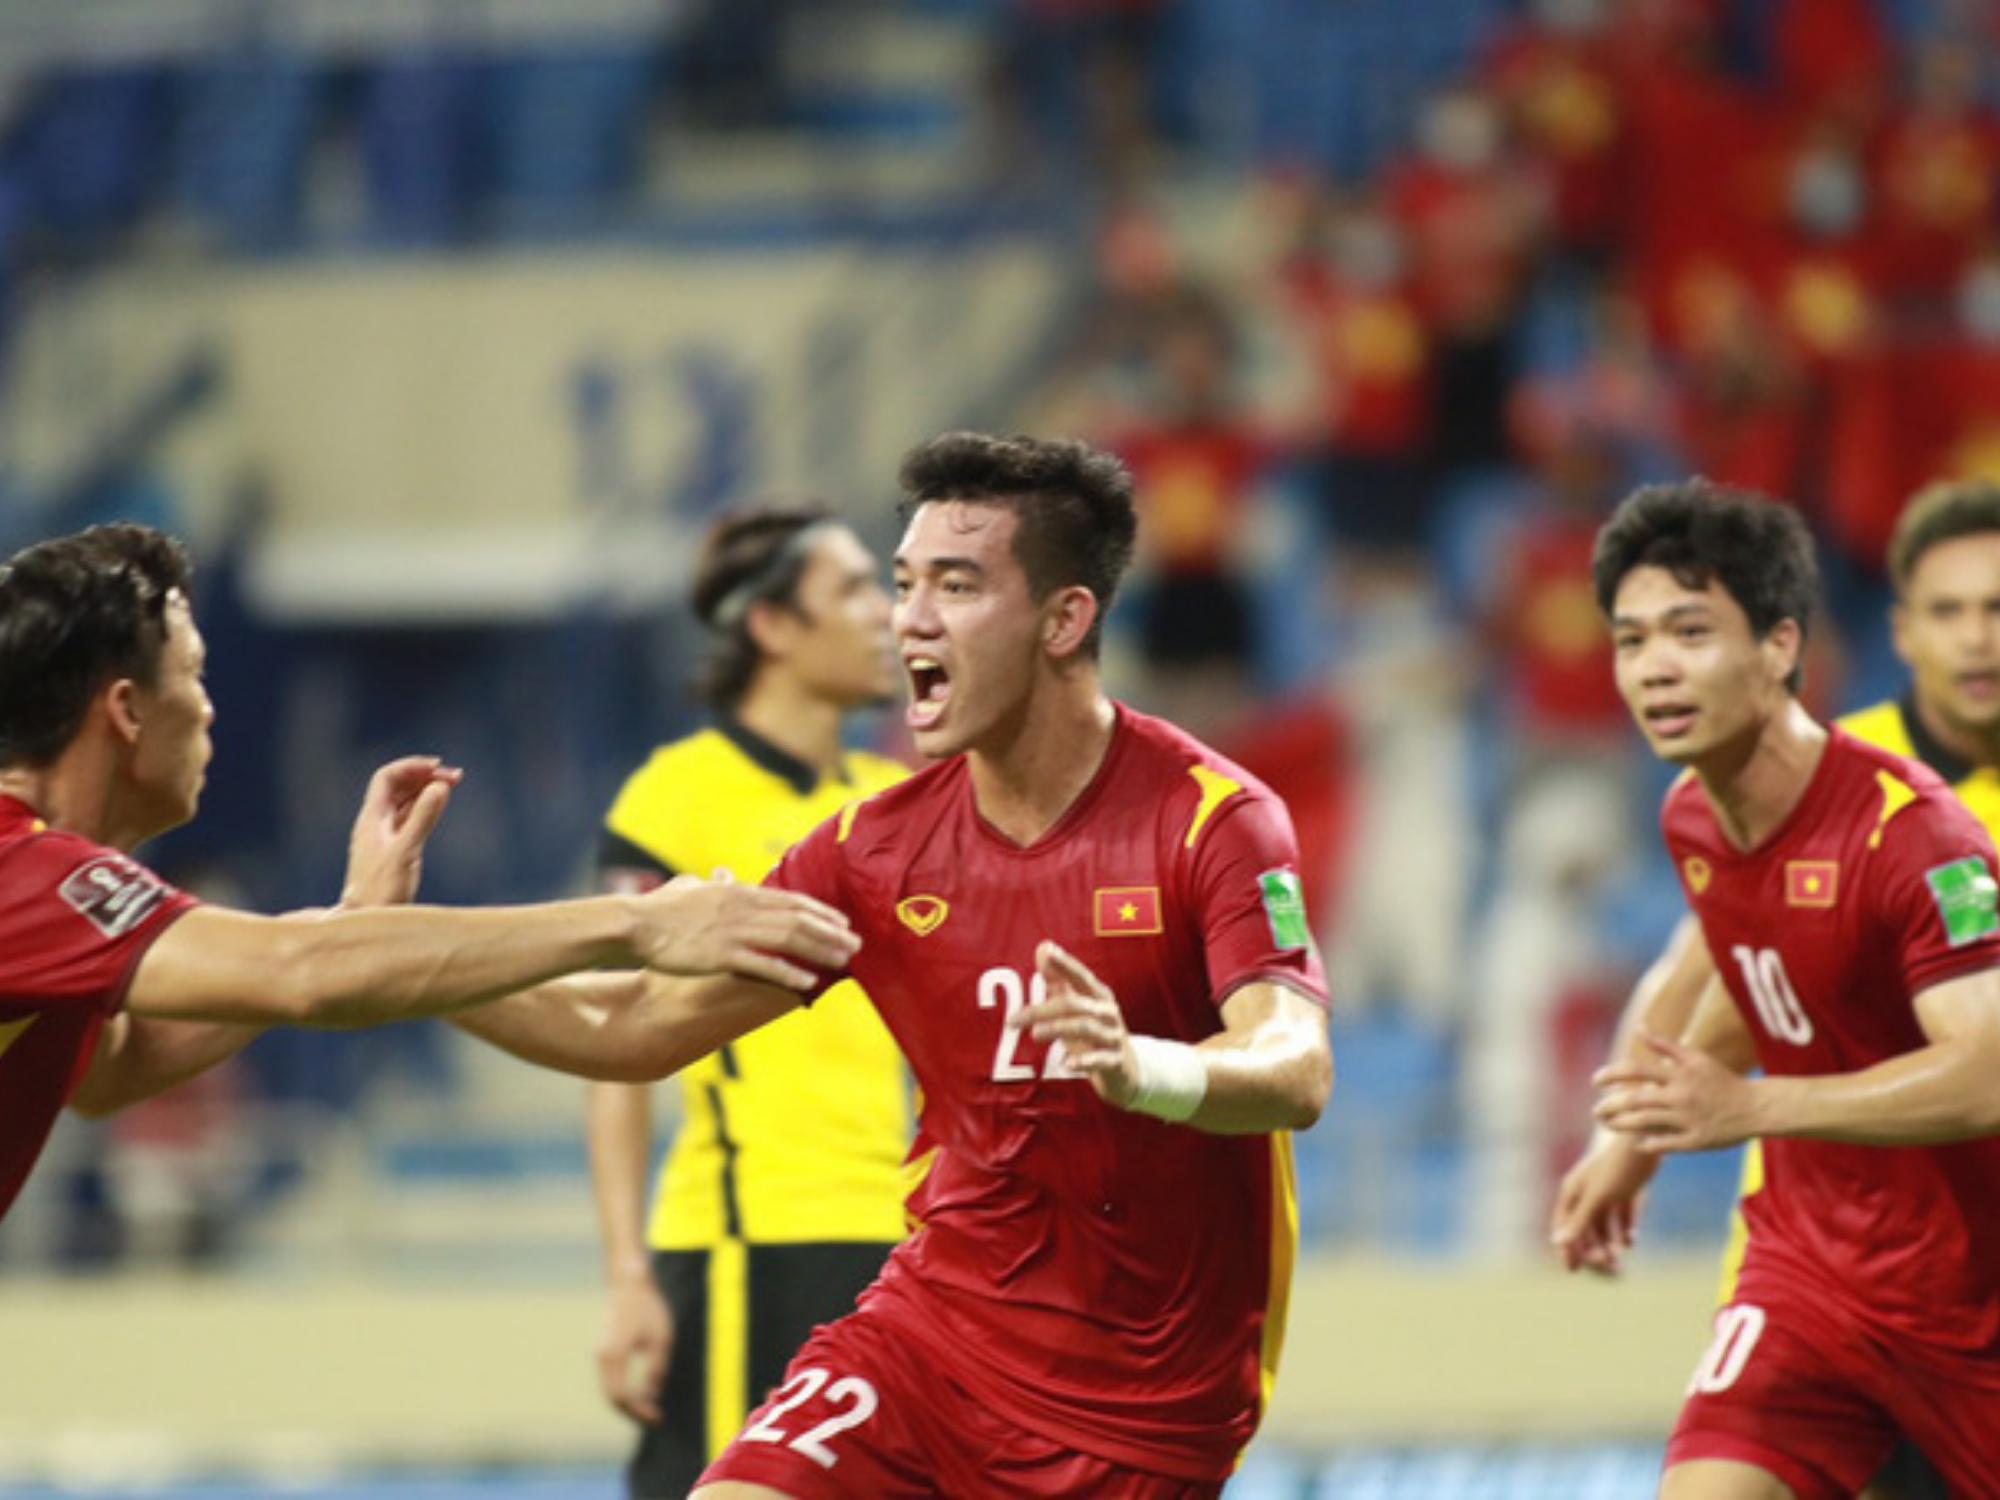 Tháng 9 tới đây, tuyển Việt Nam sẽ thi đấu Vòng loại thứ 3 World Cup 2022 trên sân vận động Mỹ Đình